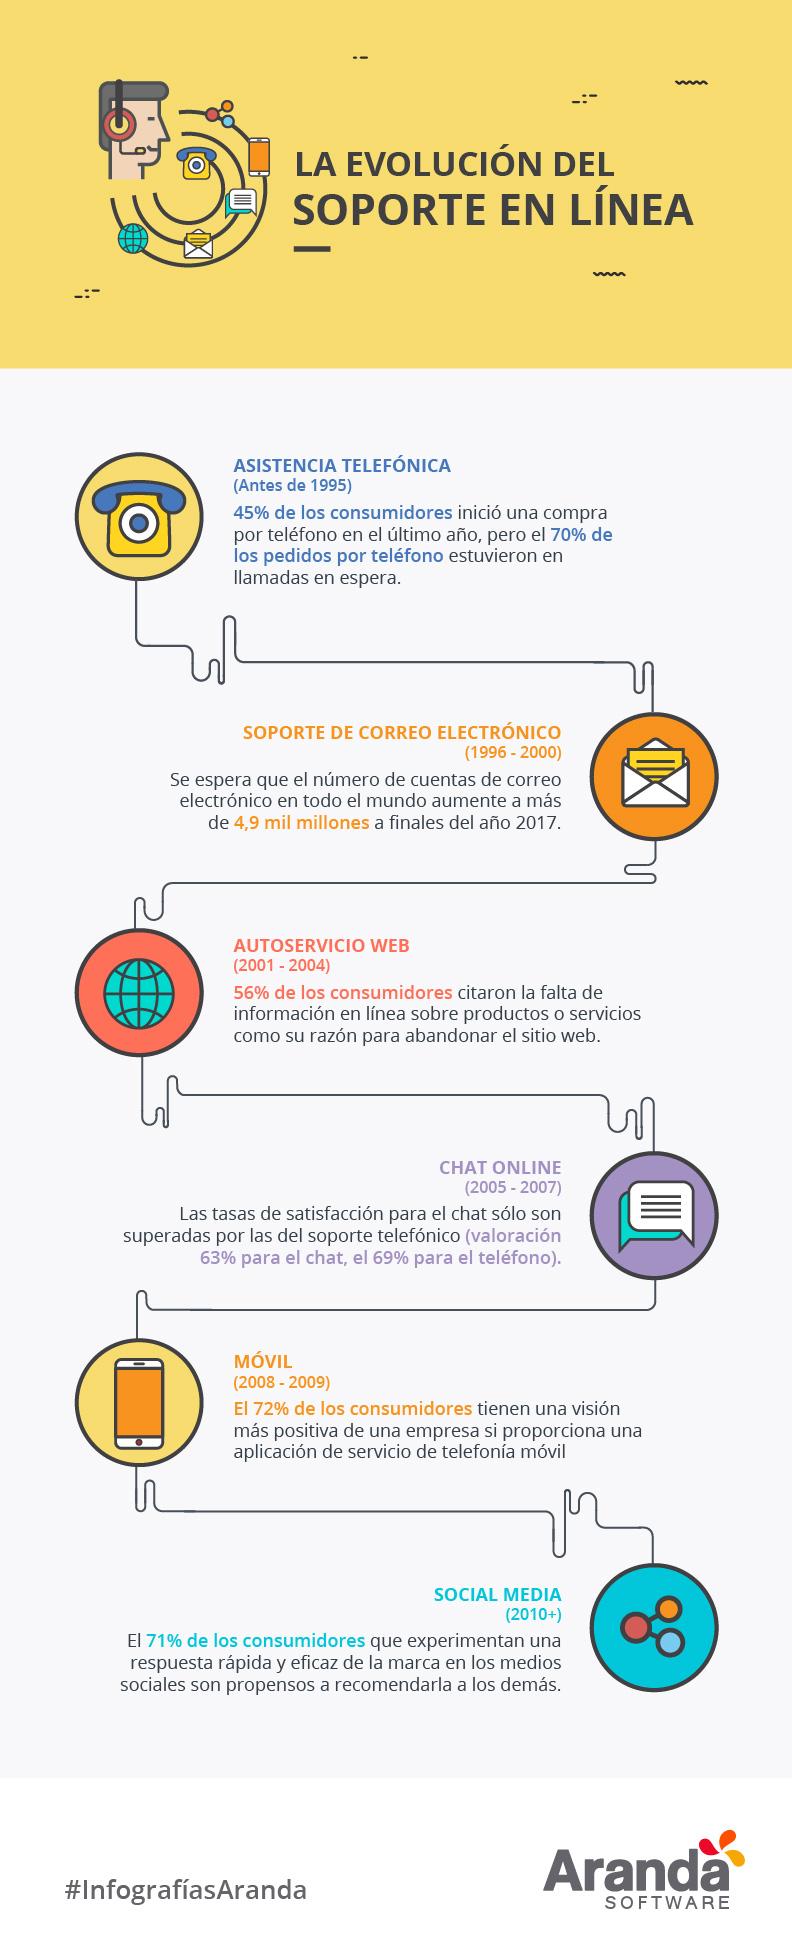 La evolución del soporte en línea #infografia #infographic #marketing